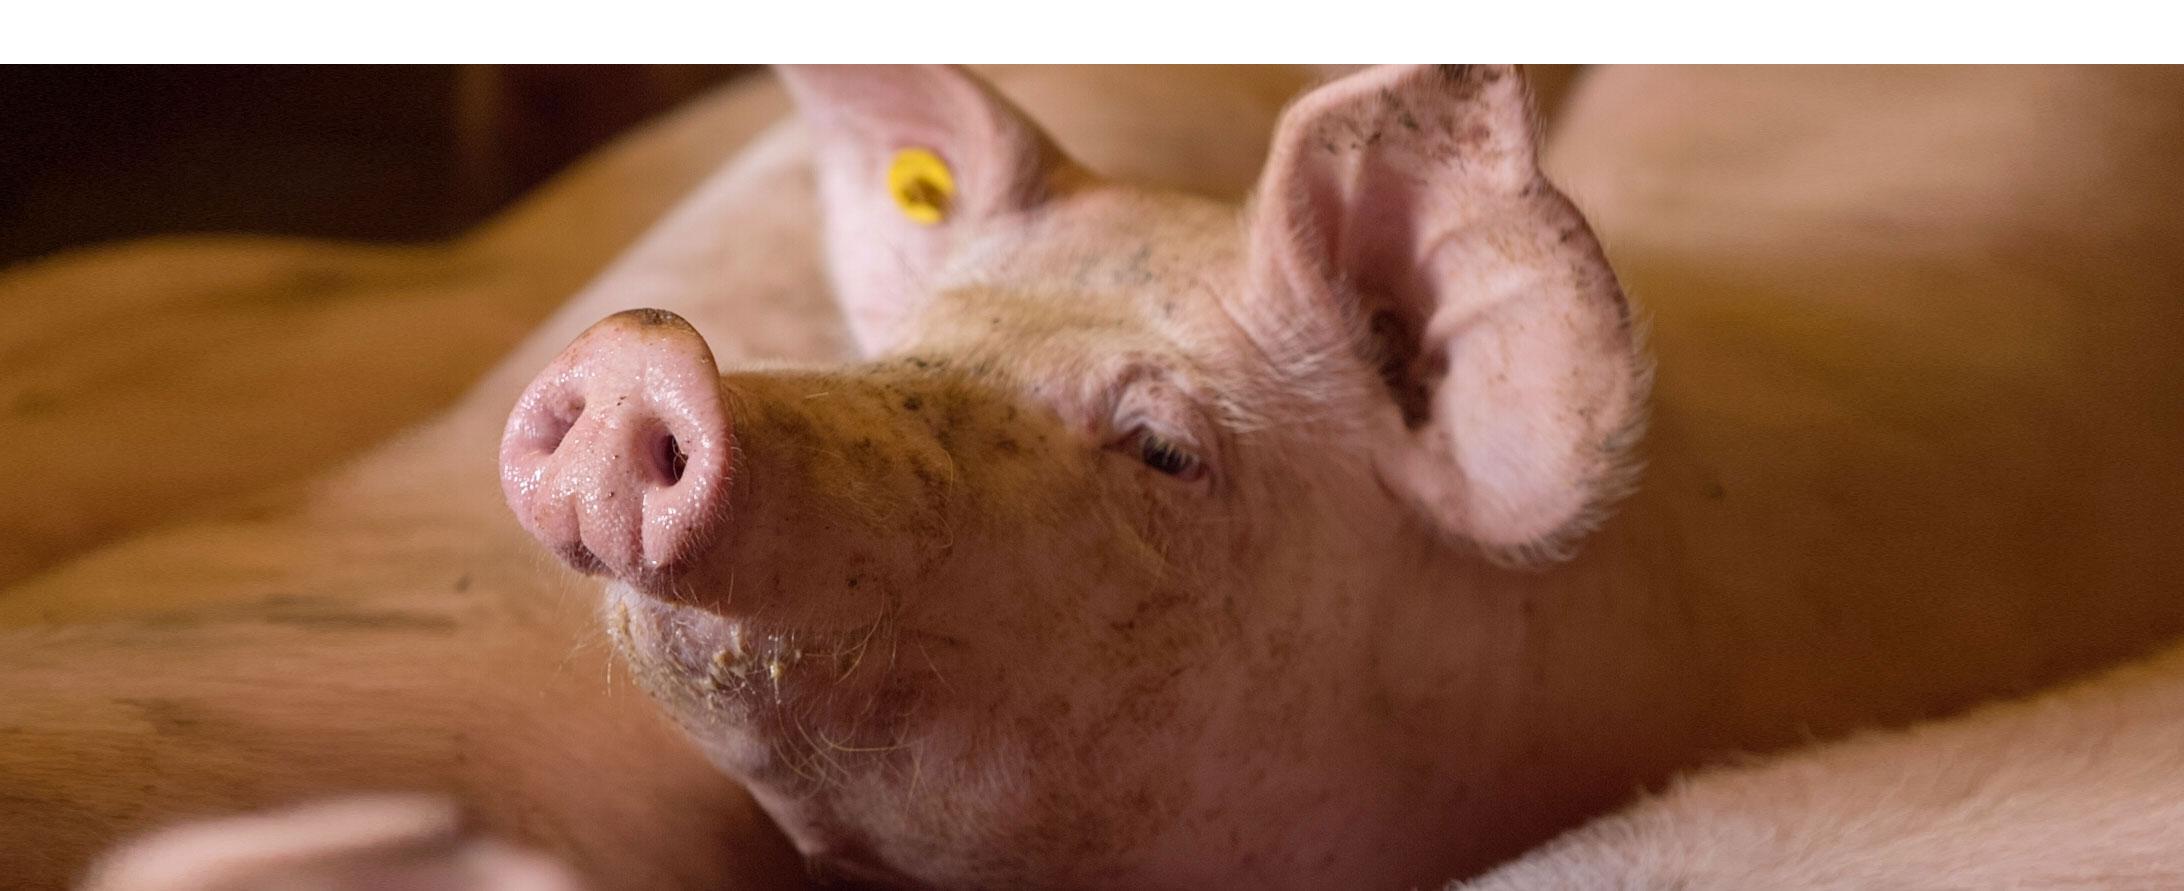 Varkens Mest verwerken op eigen boerderij